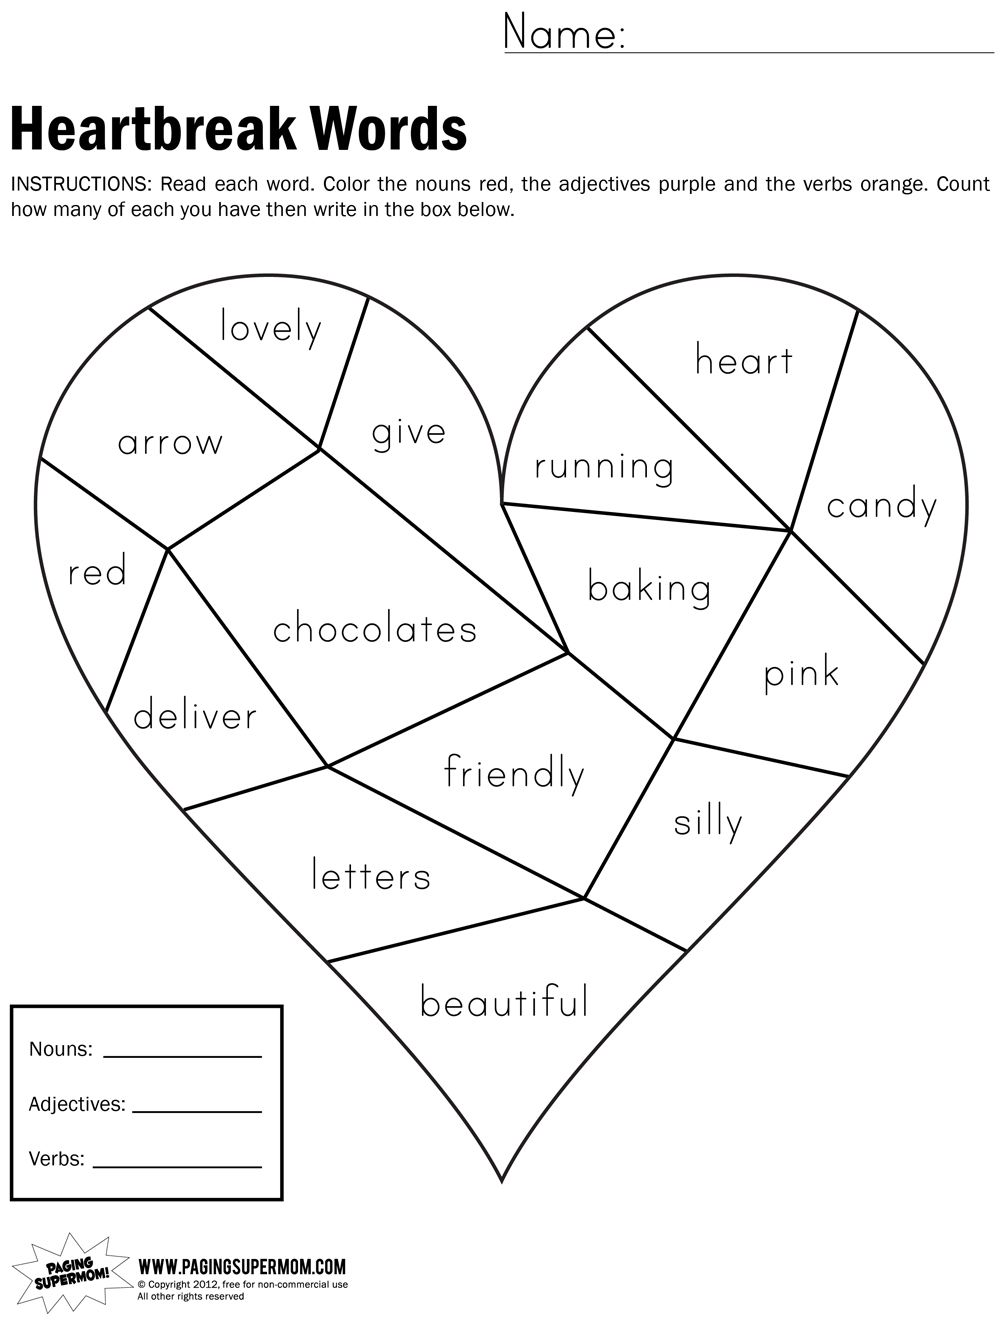 Heartbreak Words Free Printable Worksheet   Paging Supermom   Color  worksheets [ 1328 x 1000 Pixel ]